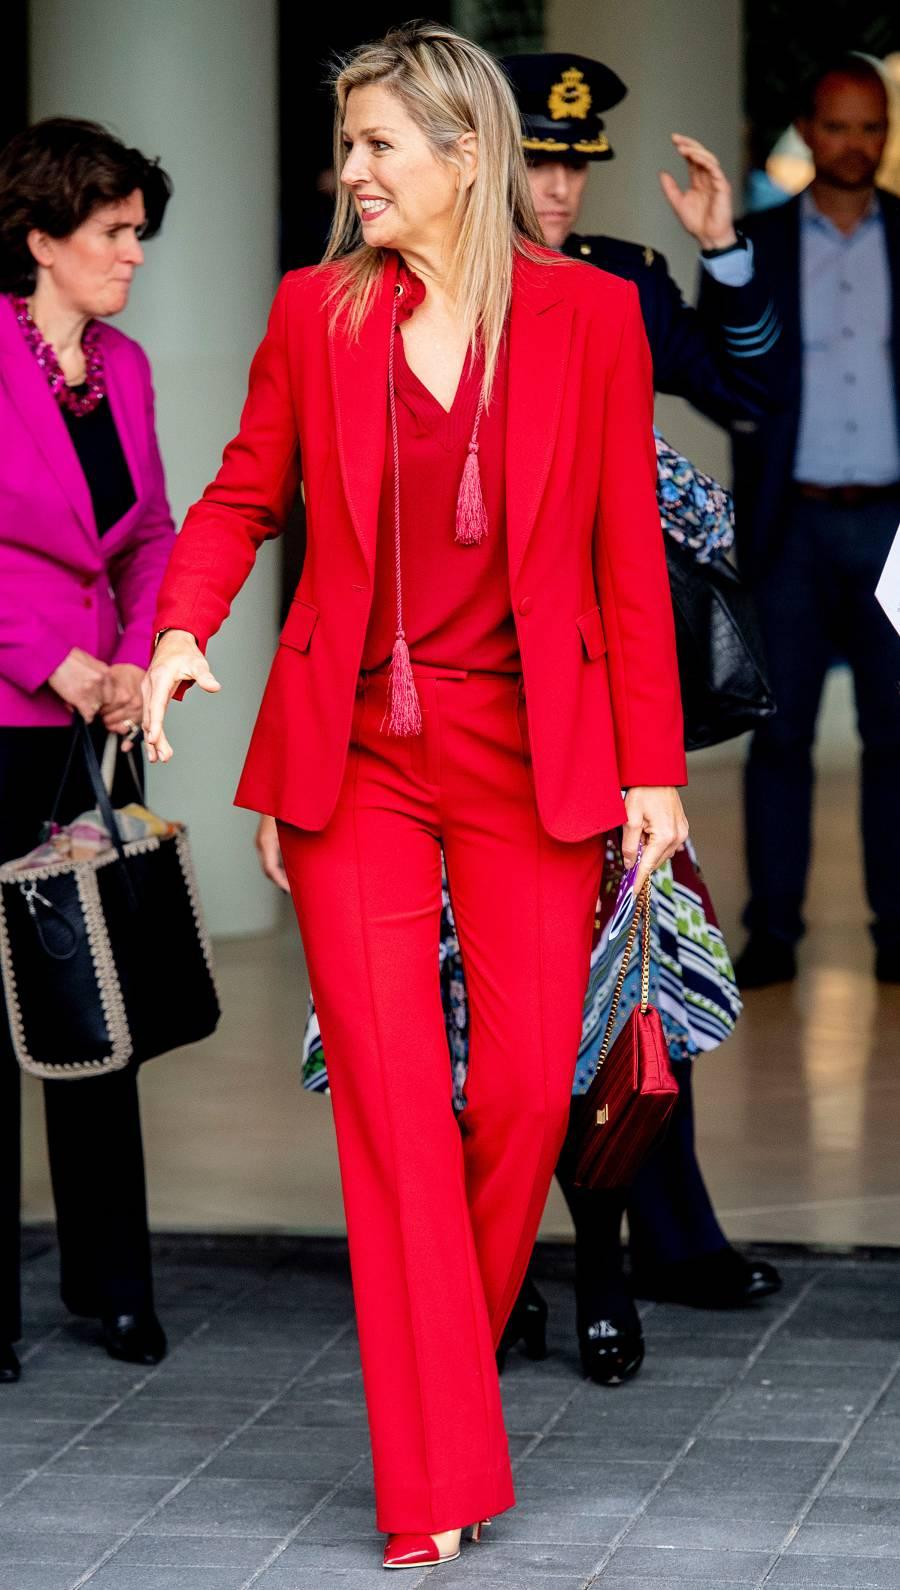 Queen Maxima Red Look October 7, 2019